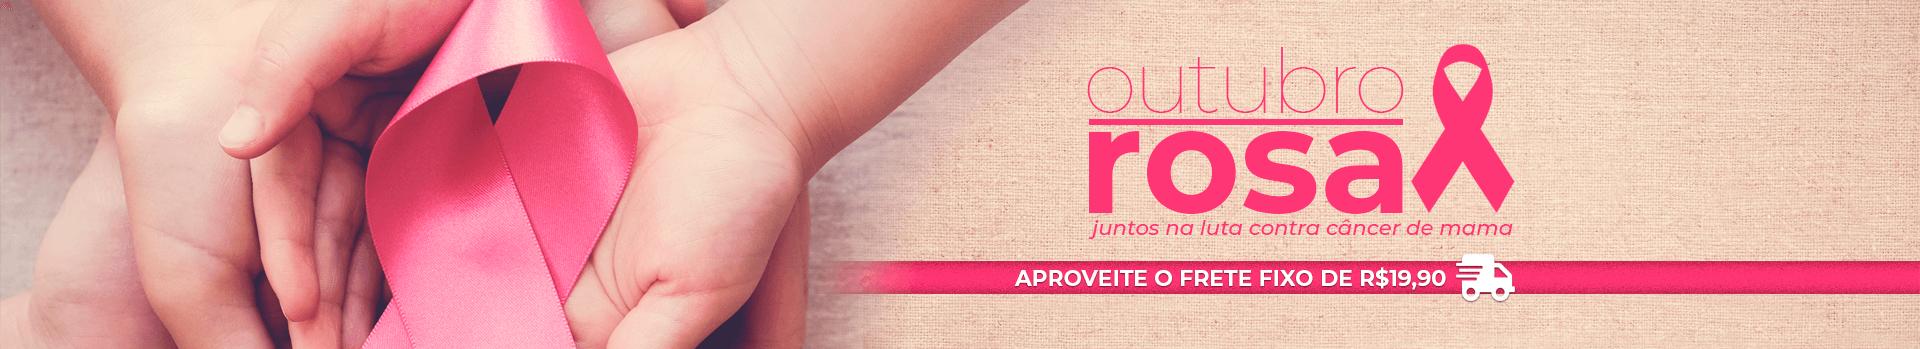 Outubro Rosa - Juntos na luta contra Câncer de Mama   Loja Buettner   Aproveite o frete fixo de R$19,90!